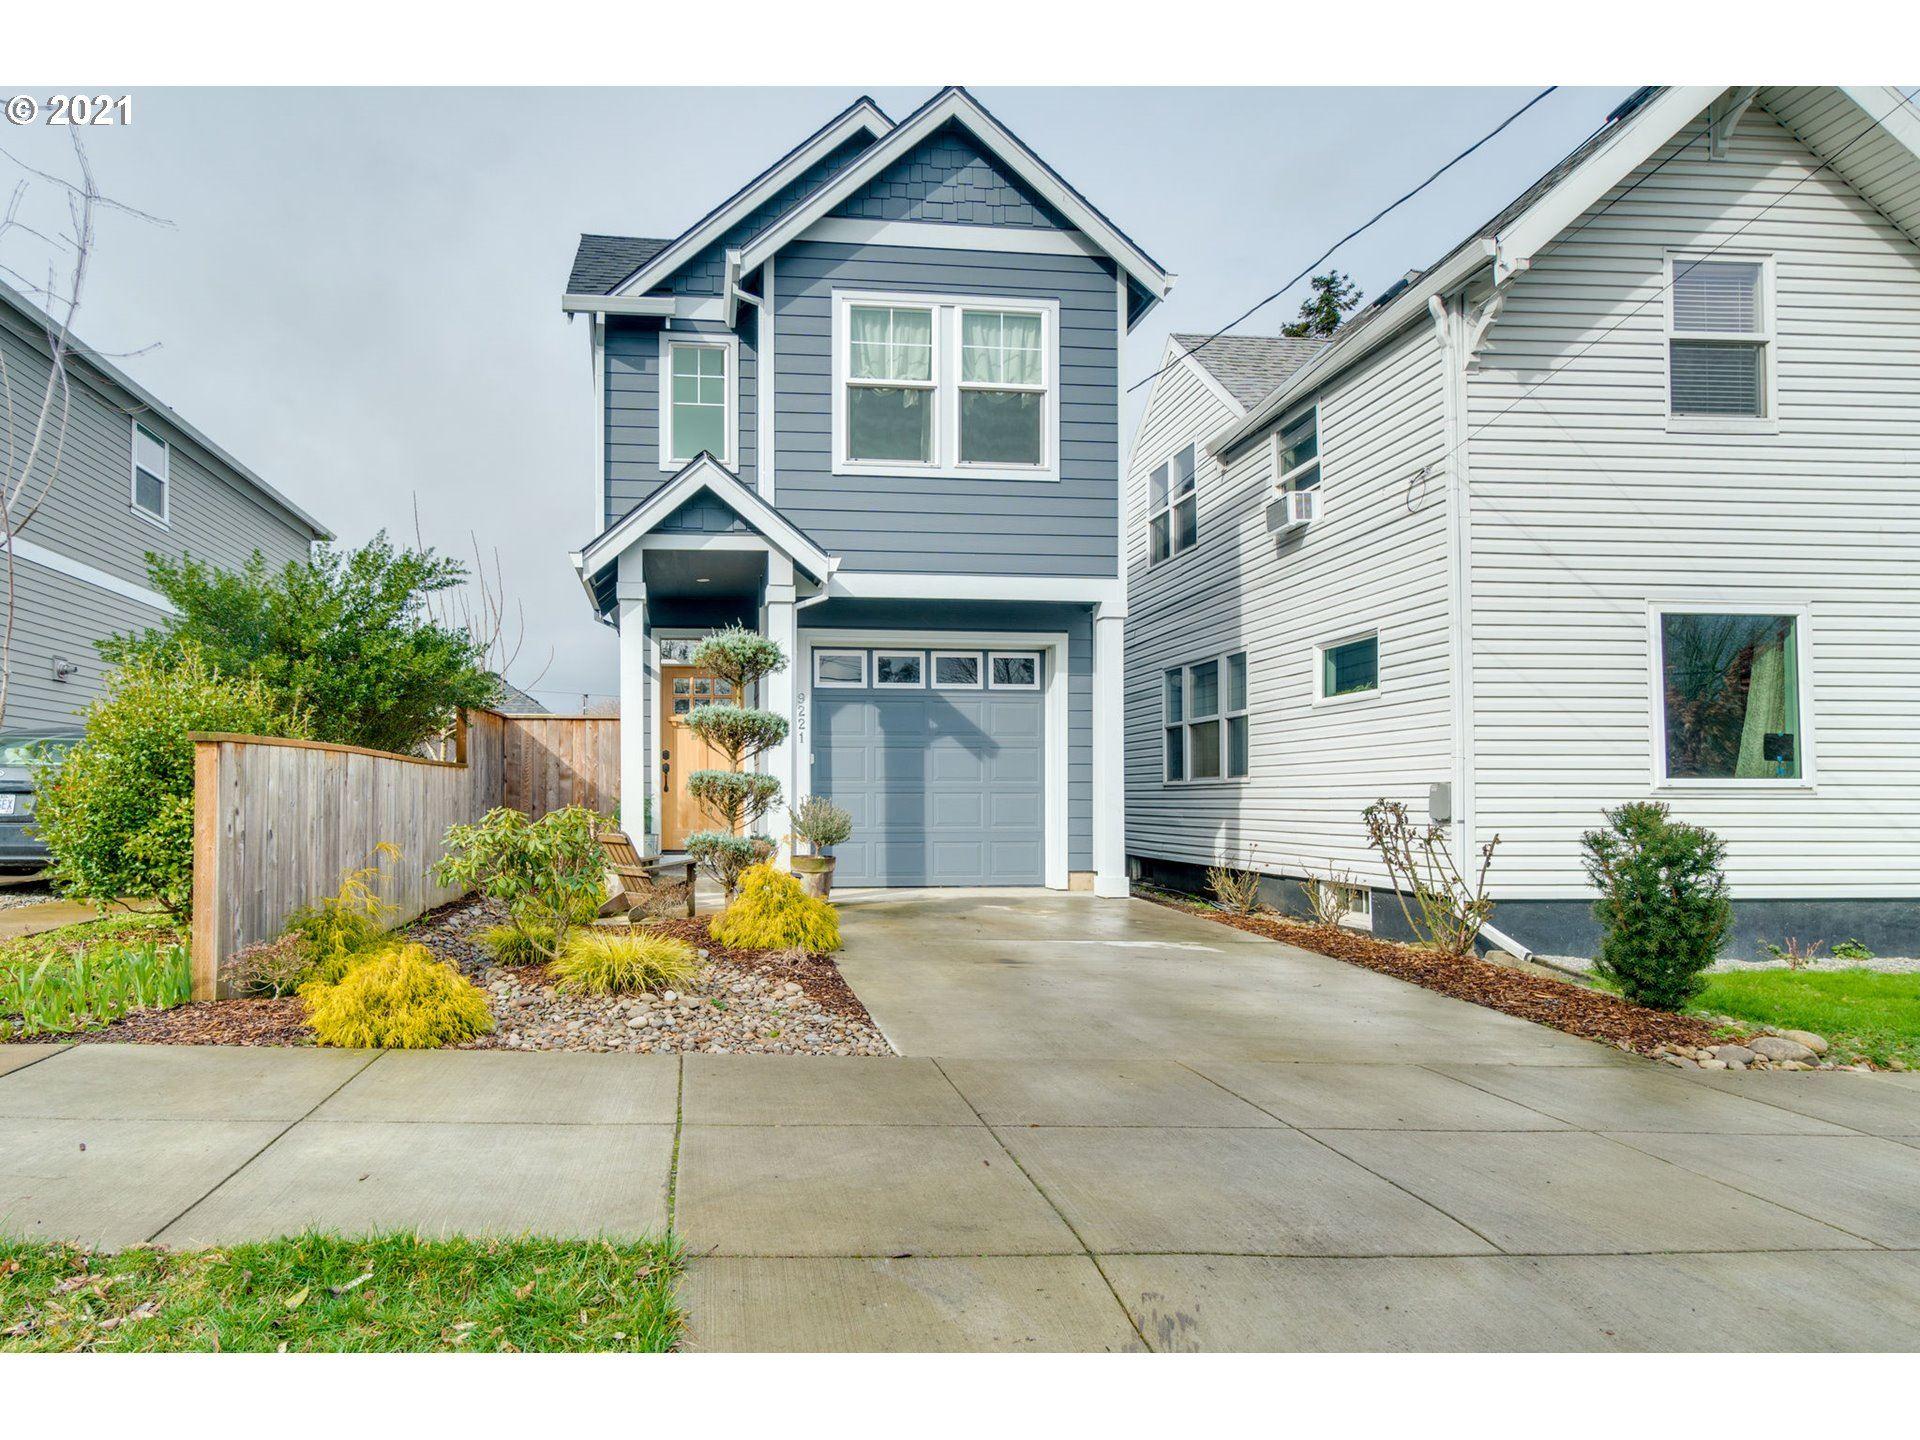 9221 N OSWEGO AVE, Portland, OR 97203 - MLS#: 21483735